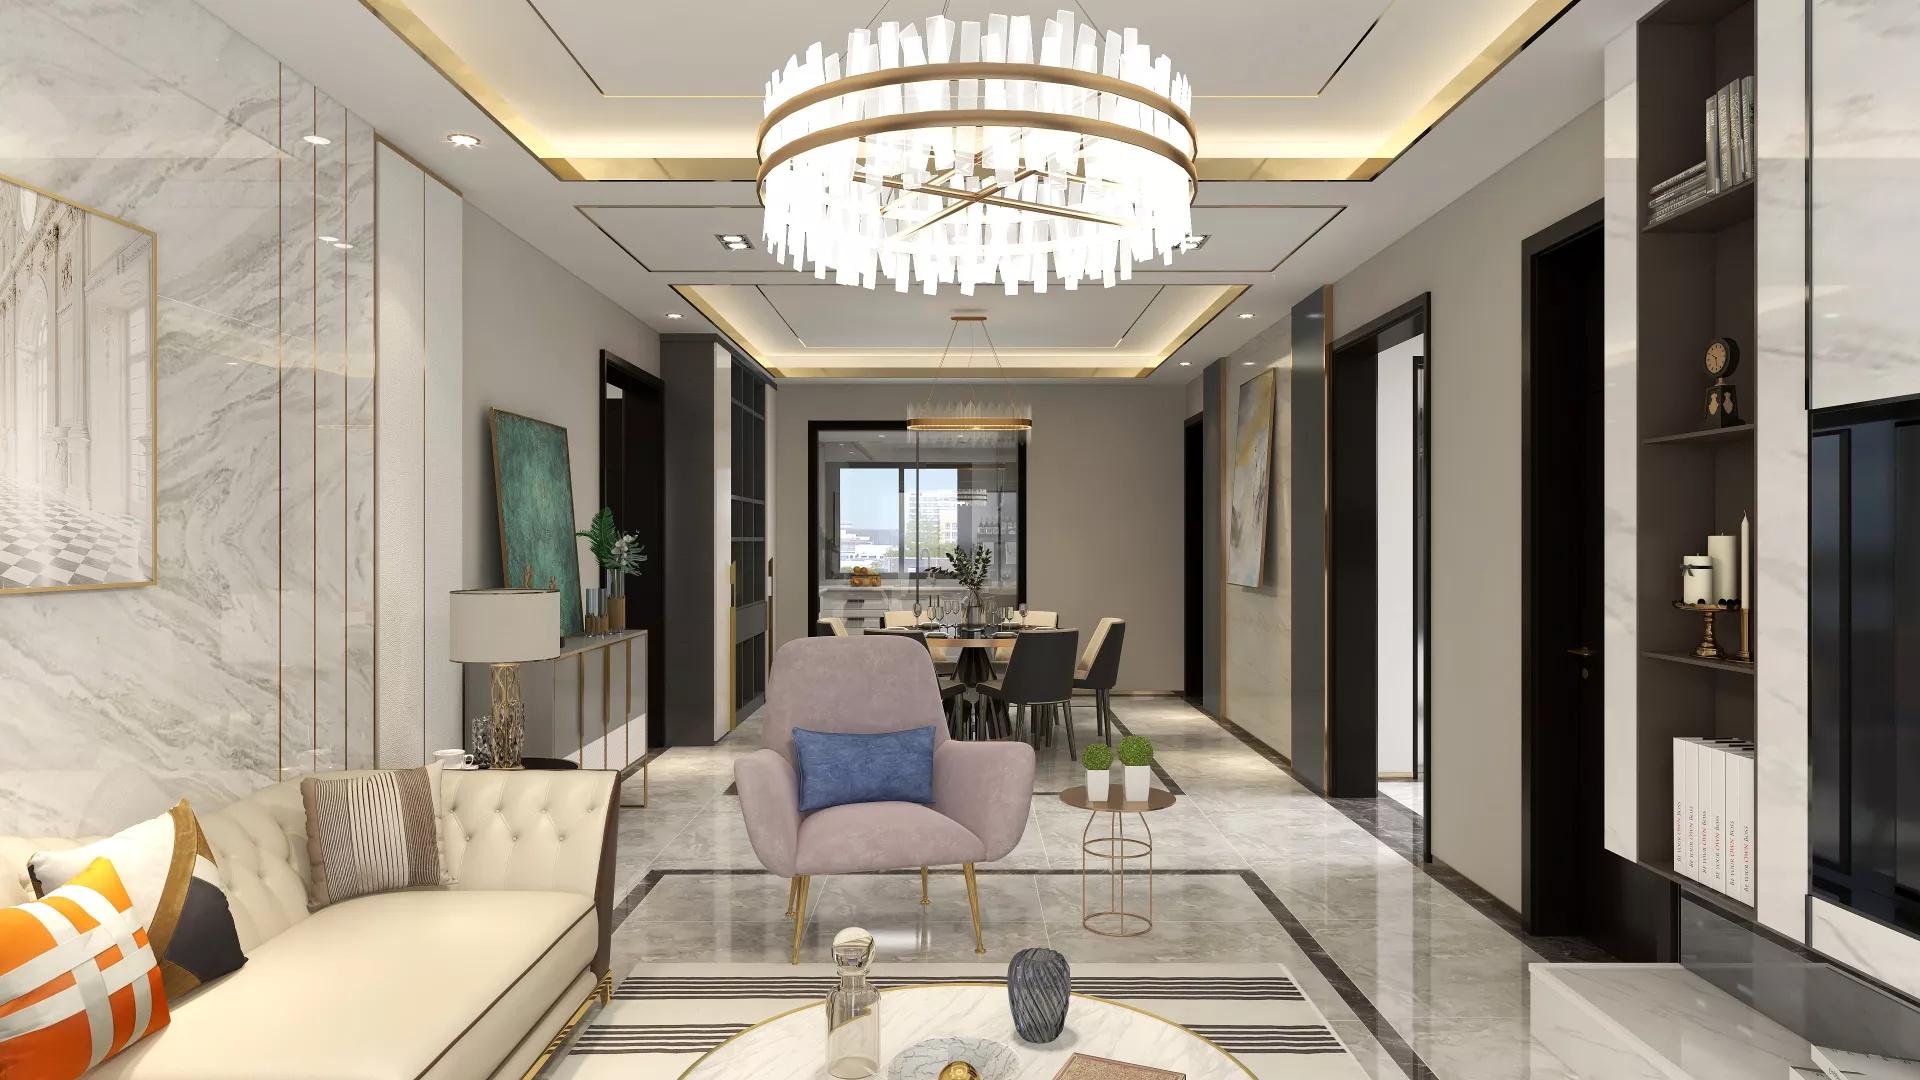 家装卫生间用什么瓷砖好 卫生间瓷砖选择经验